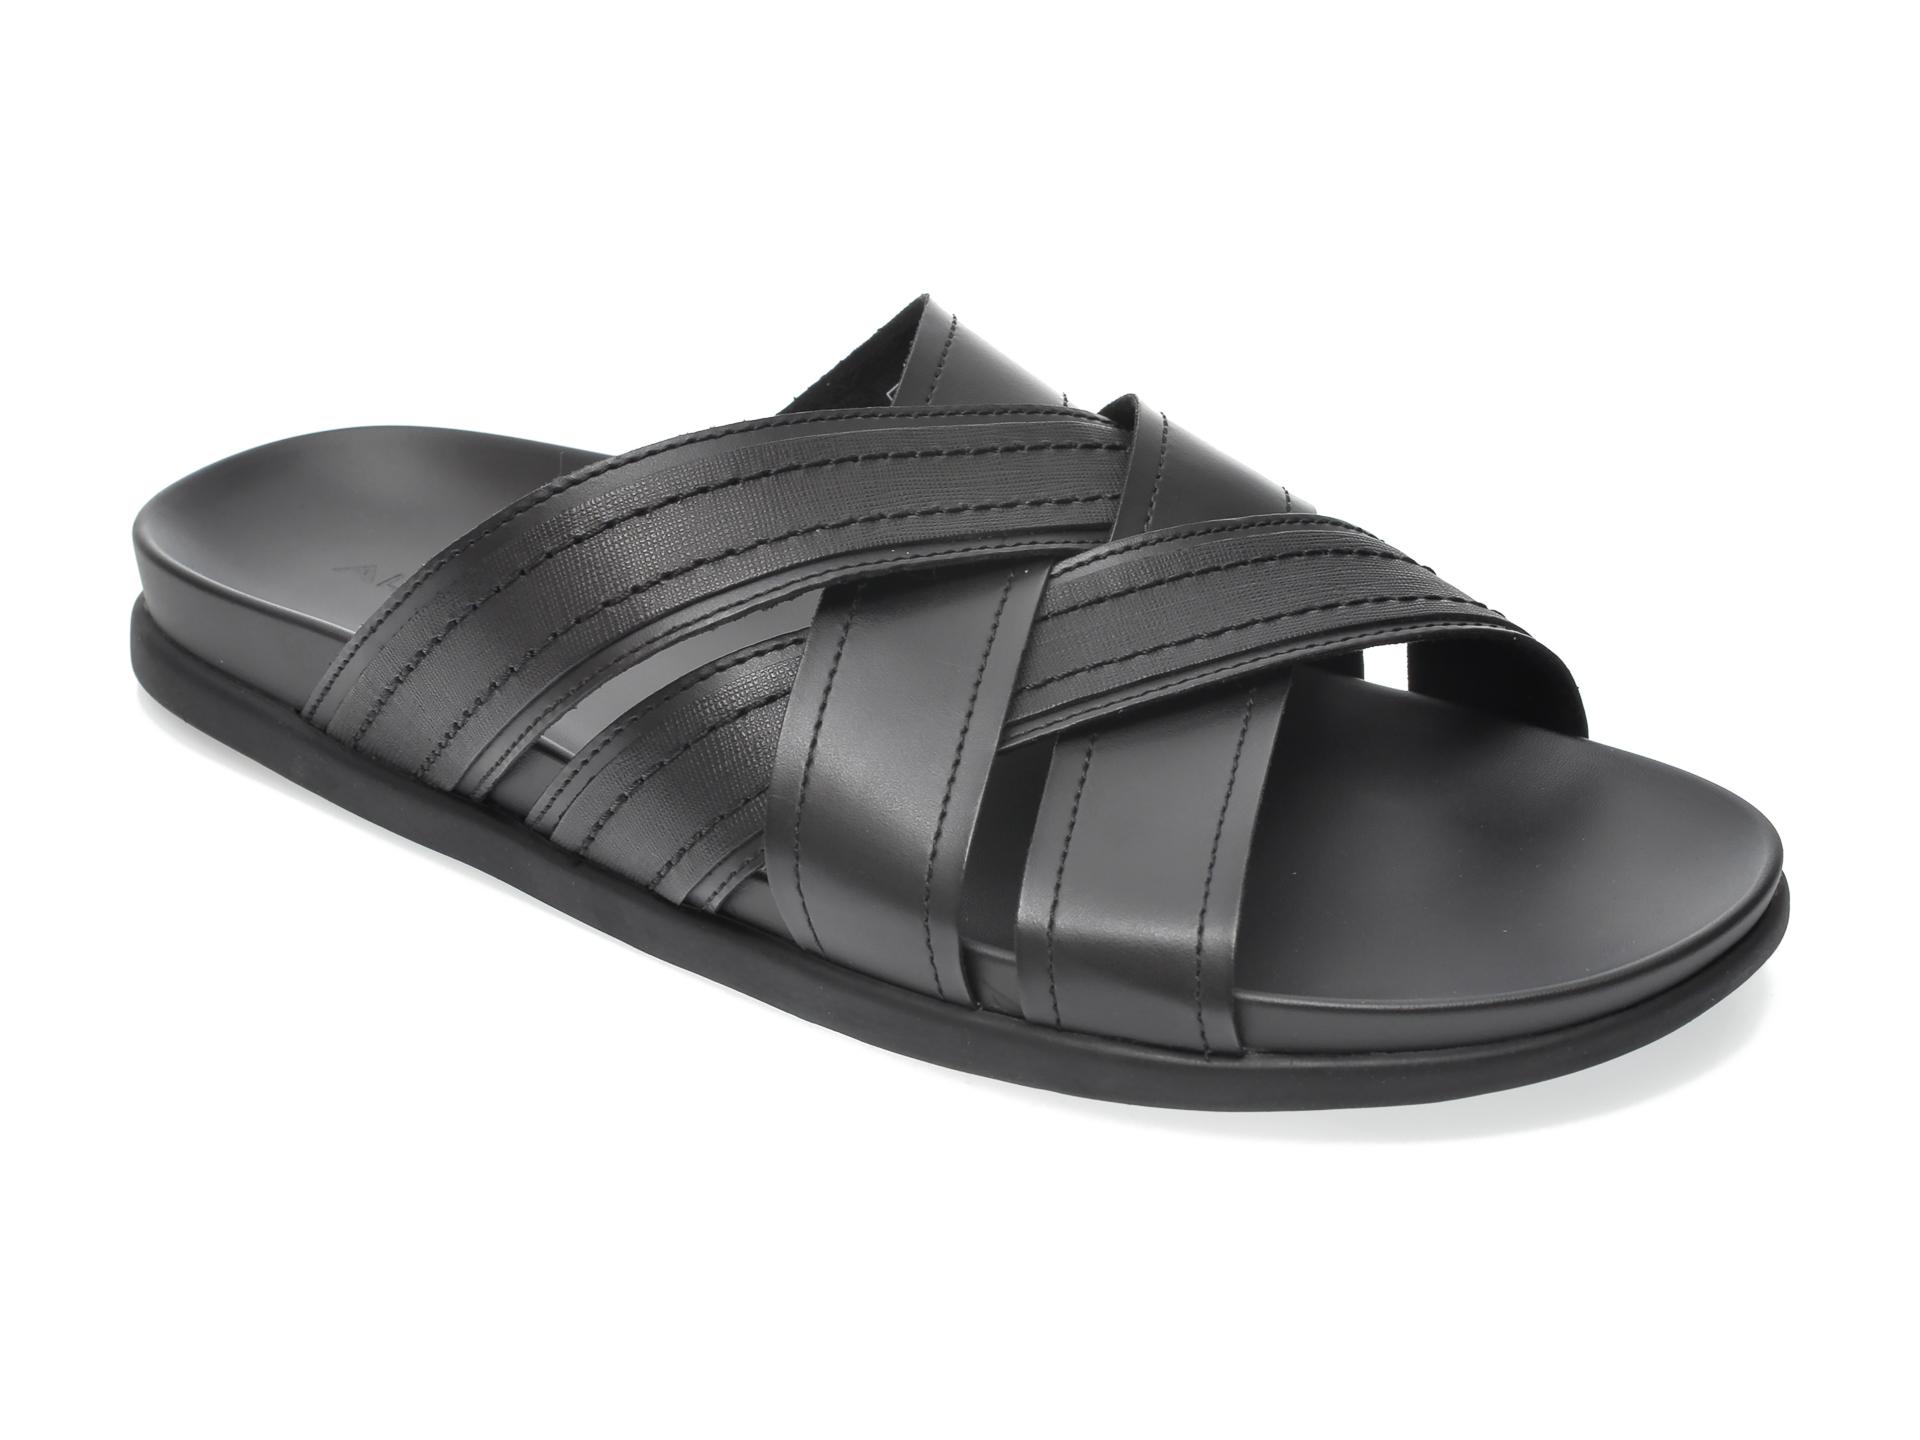 Papuci ALDO negri, Afadode001, din piele naturala imagine